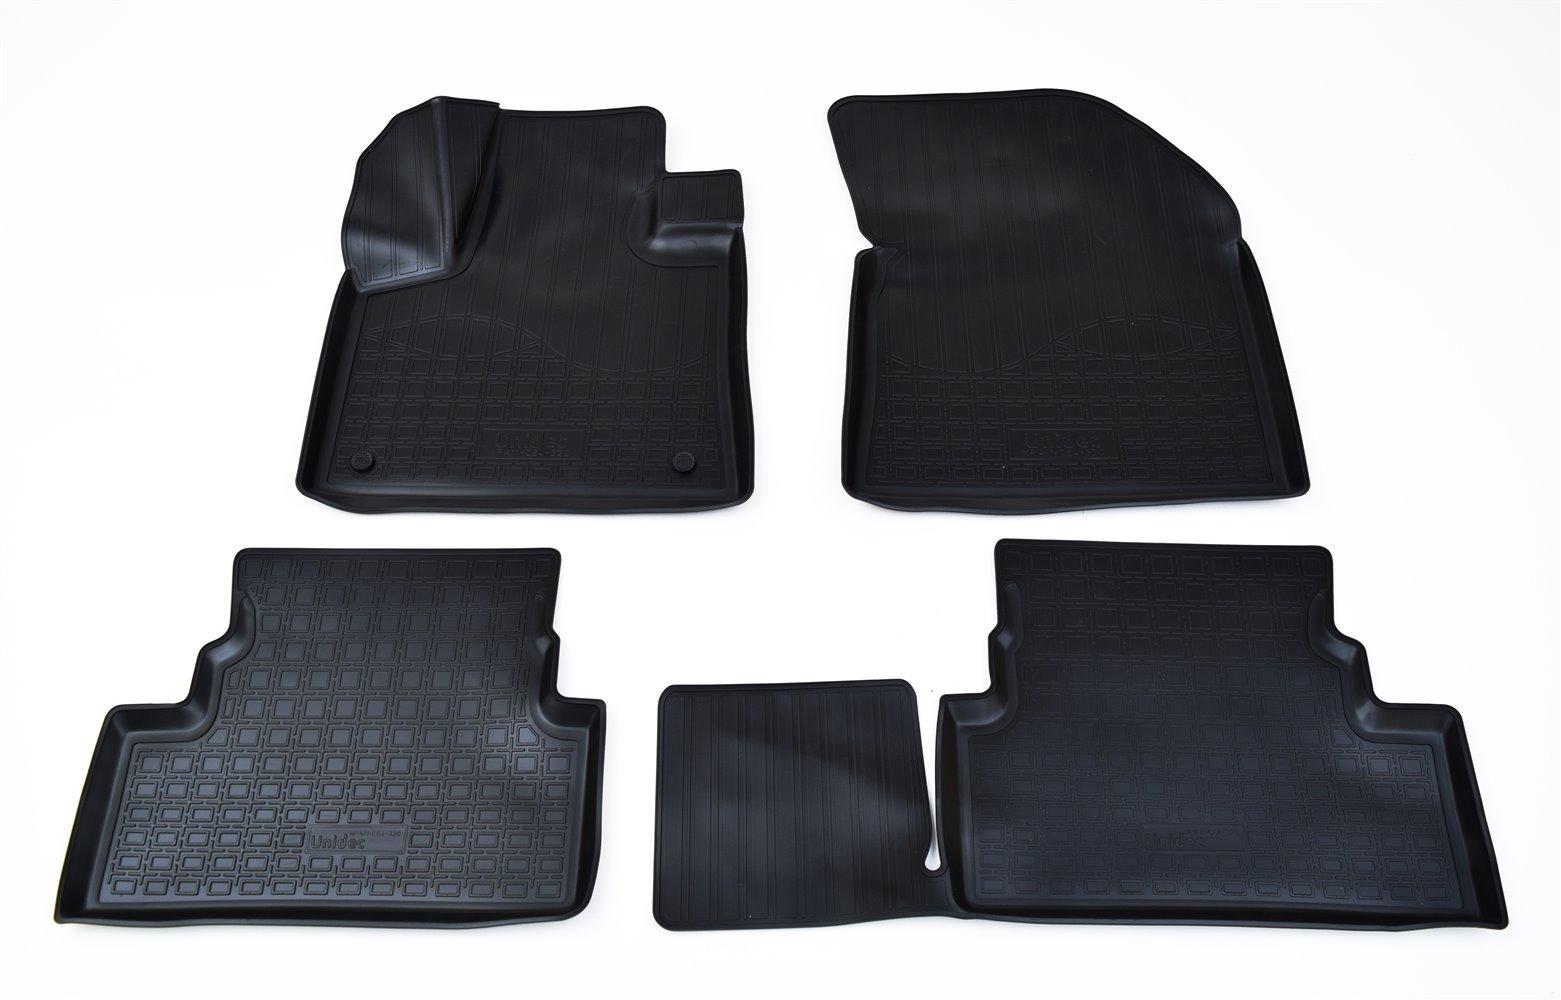 Коврики в салон автомобиля Norplast для Peugeot 3008 3D 2017, NPA11-C64-320, черный коврики для 2 го ряда велюровые peugeot 1614085080 для peugeot traveller 2017